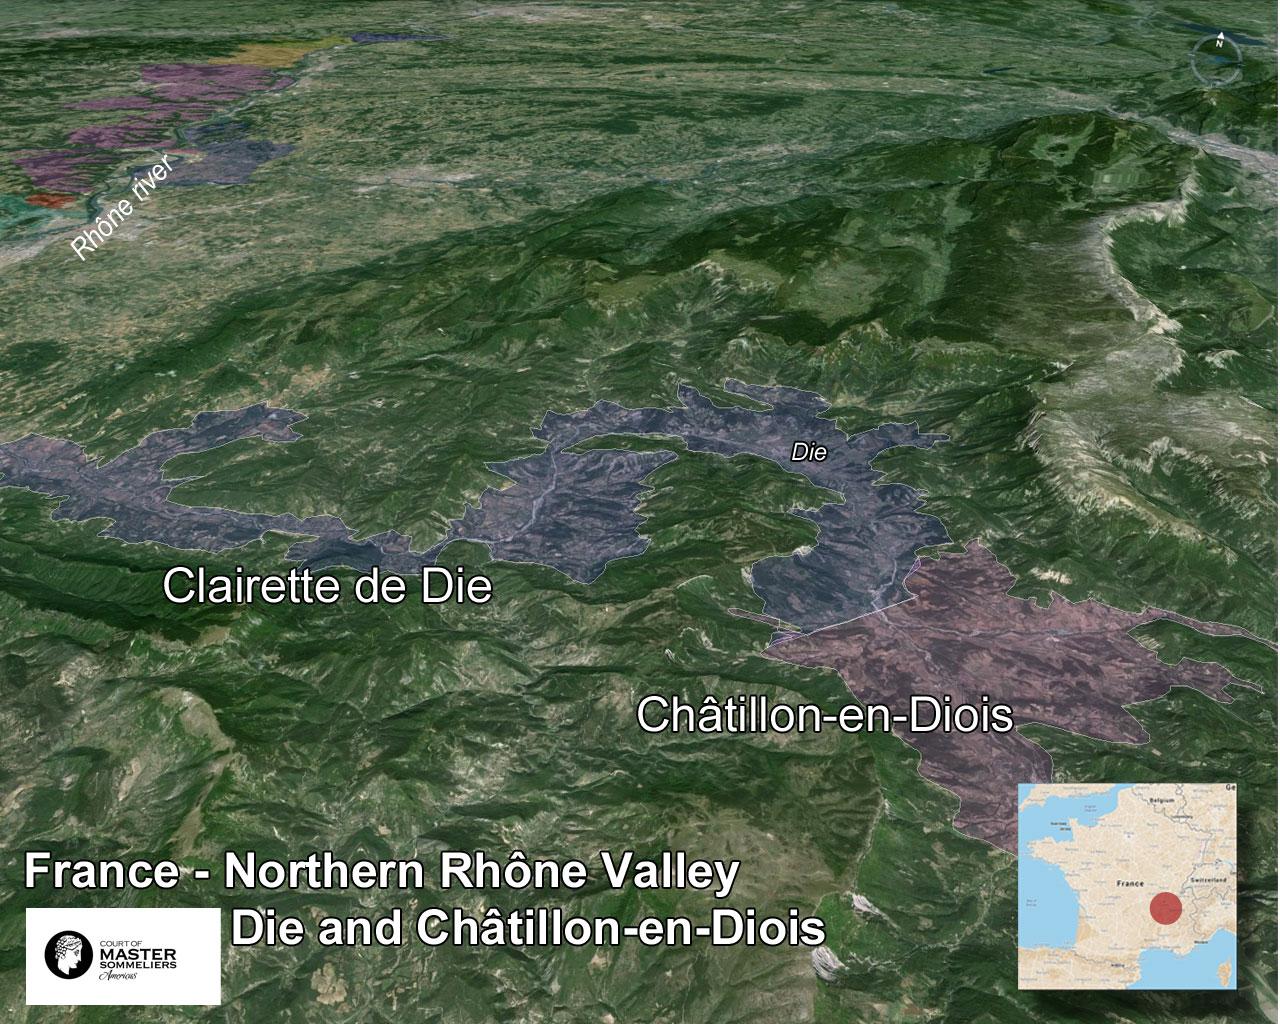 Rhone-Valley-Die-and-Chatillon-en-Diois.jpg